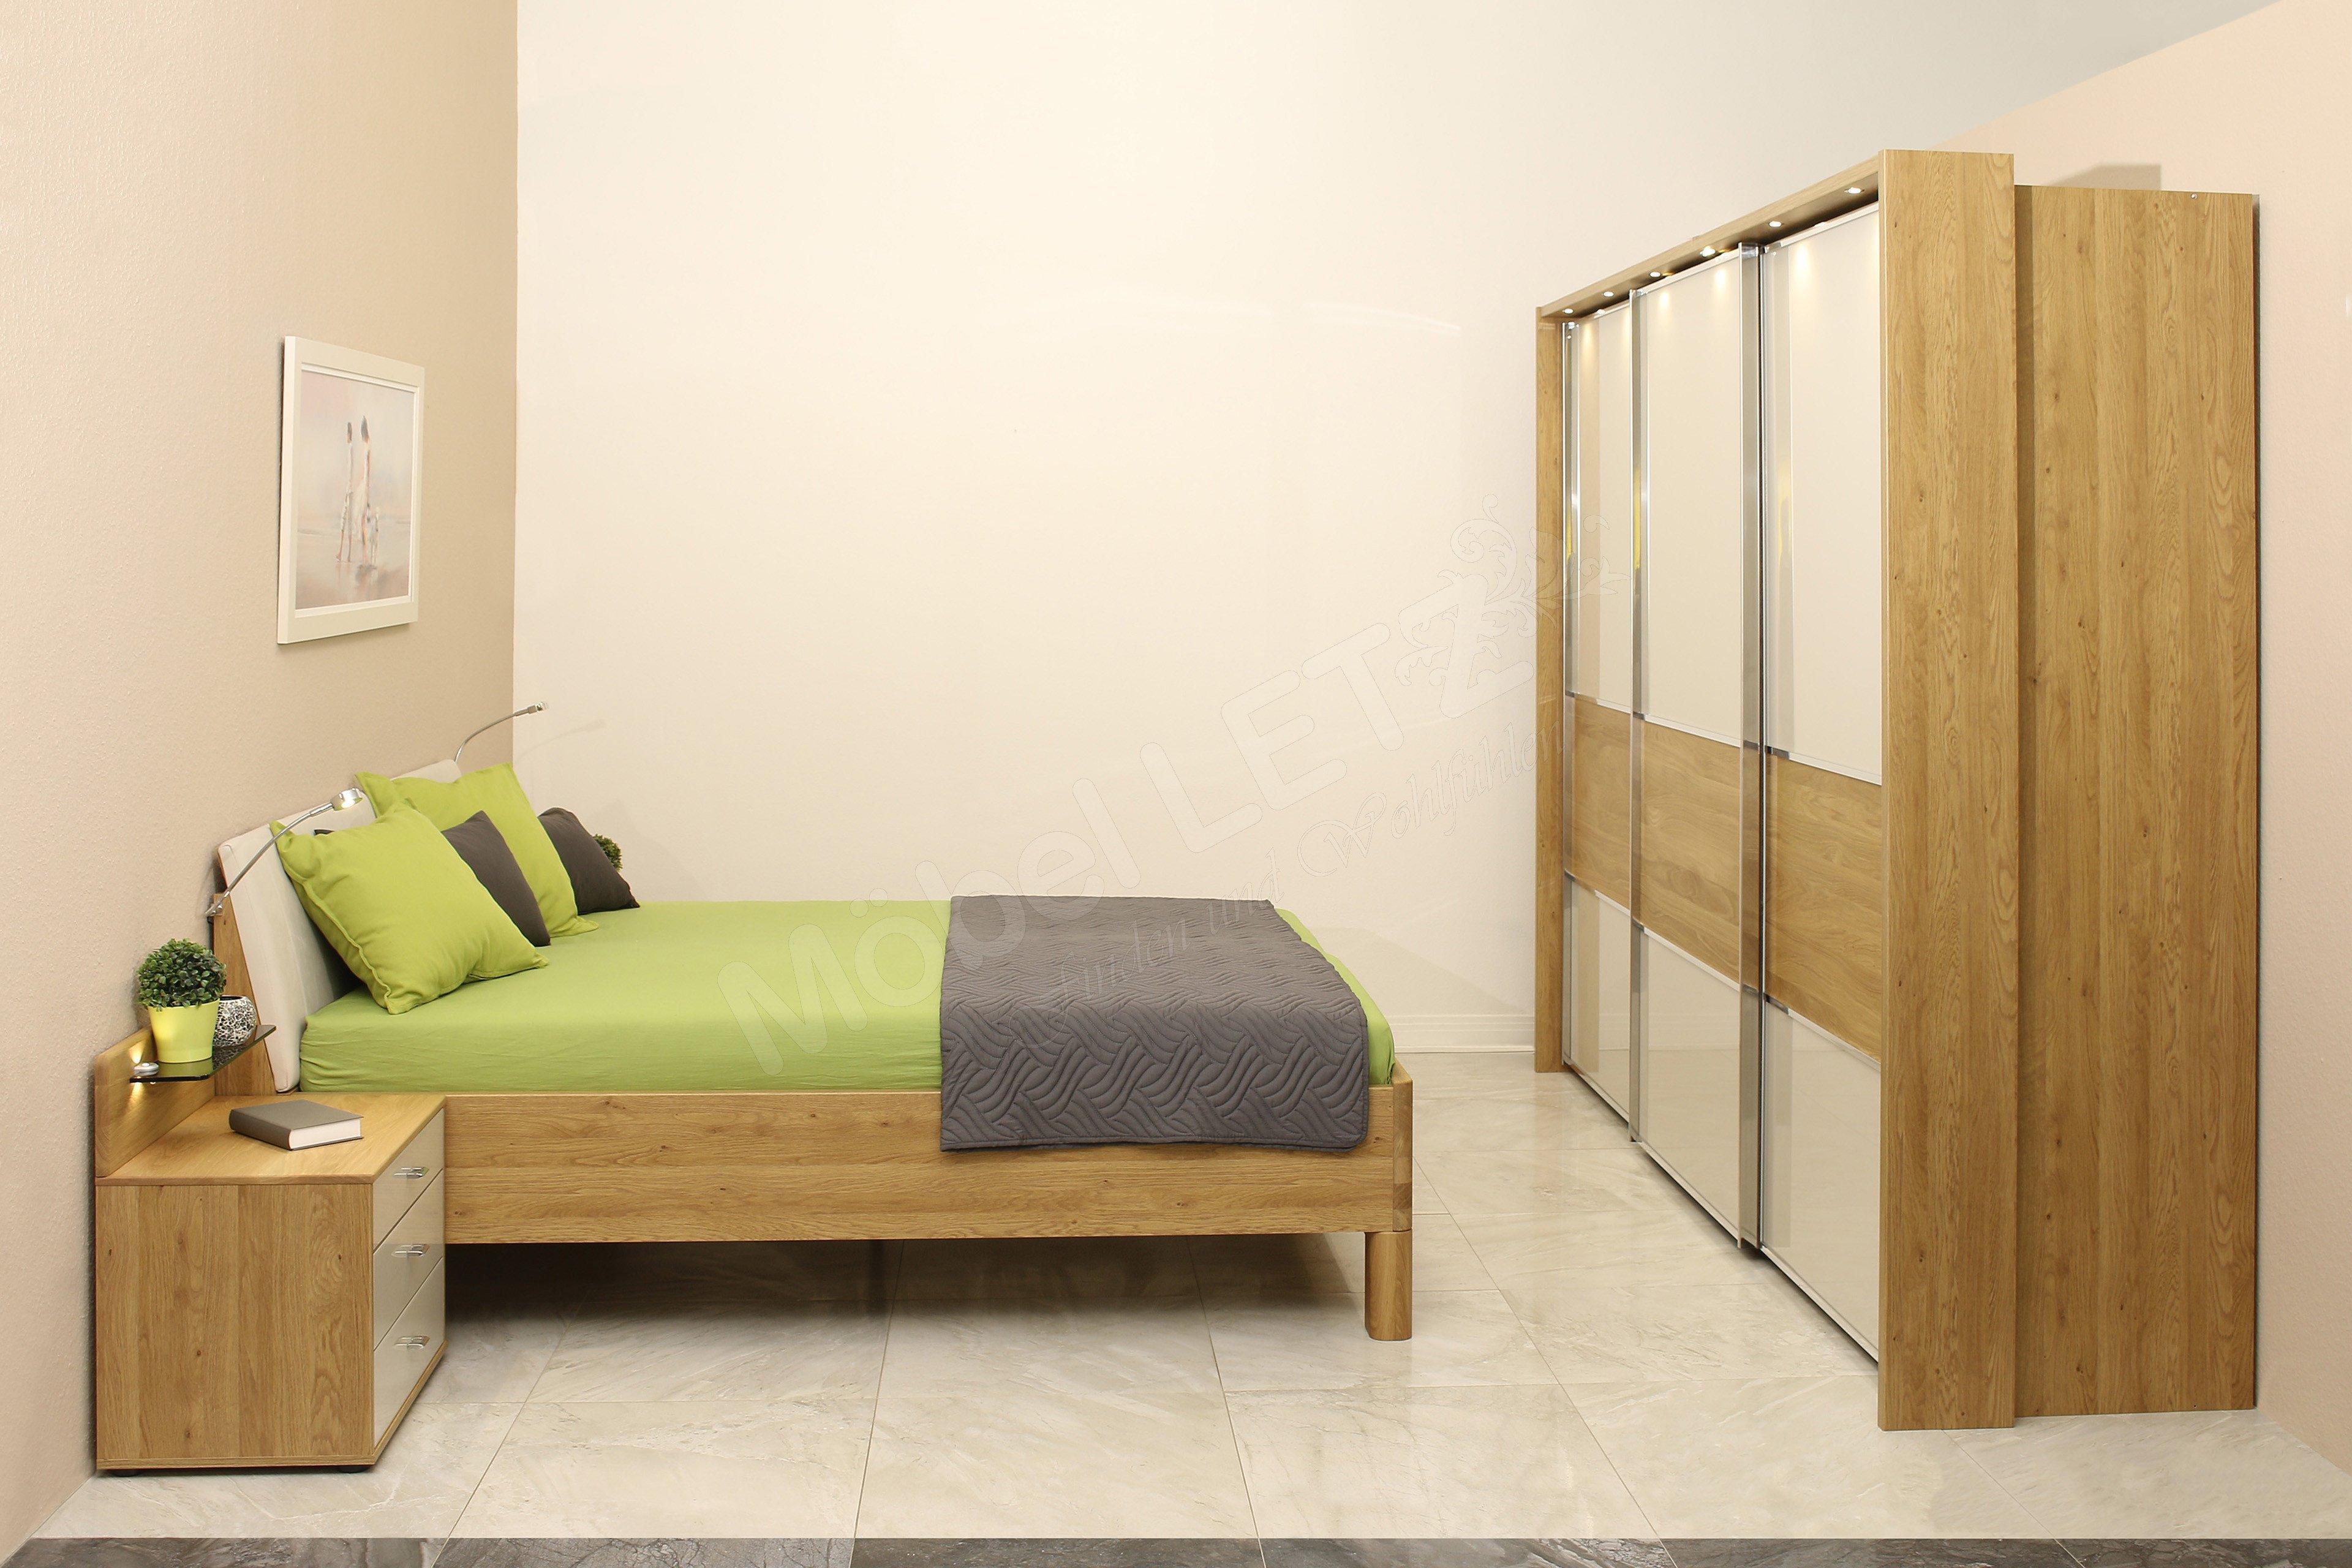 Casada Cesio Komplett Schlafzimmer Mit Beleuchtung Möbel Letz